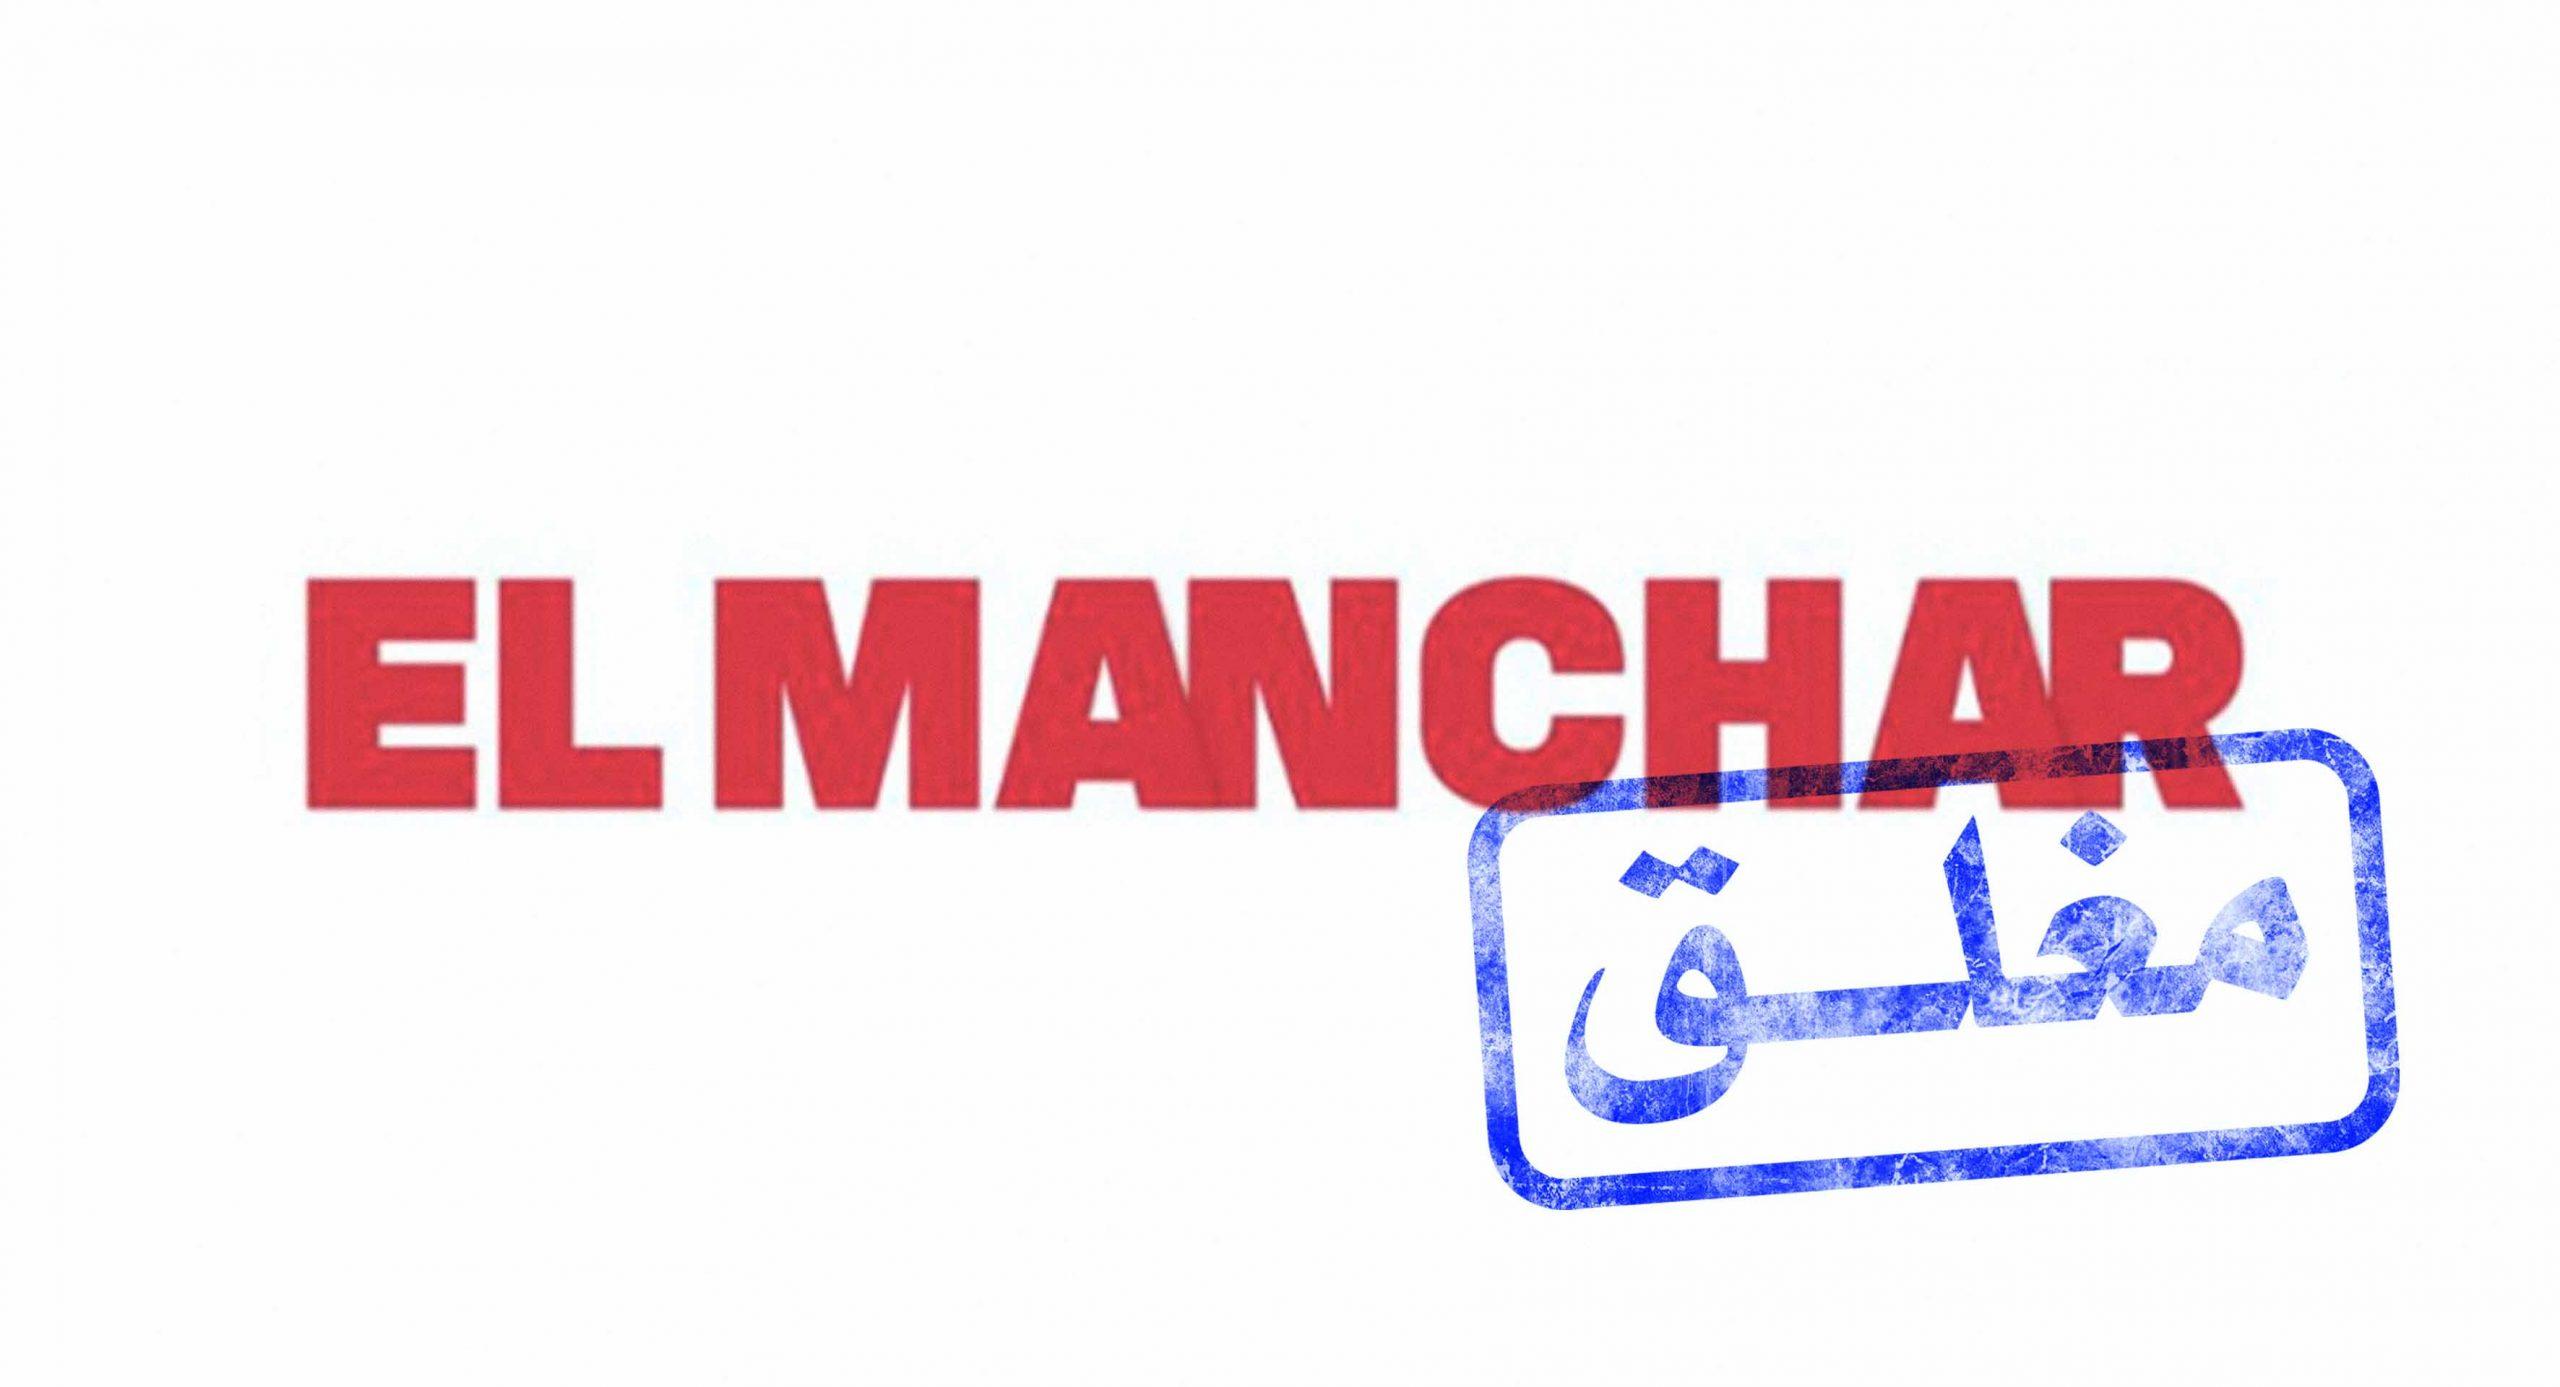 """صورة موقع """"المنشار"""" الساخر لا يجد سبباً لاستمراره بعد ملاحظته فرط حرية التعبير في البلاد"""